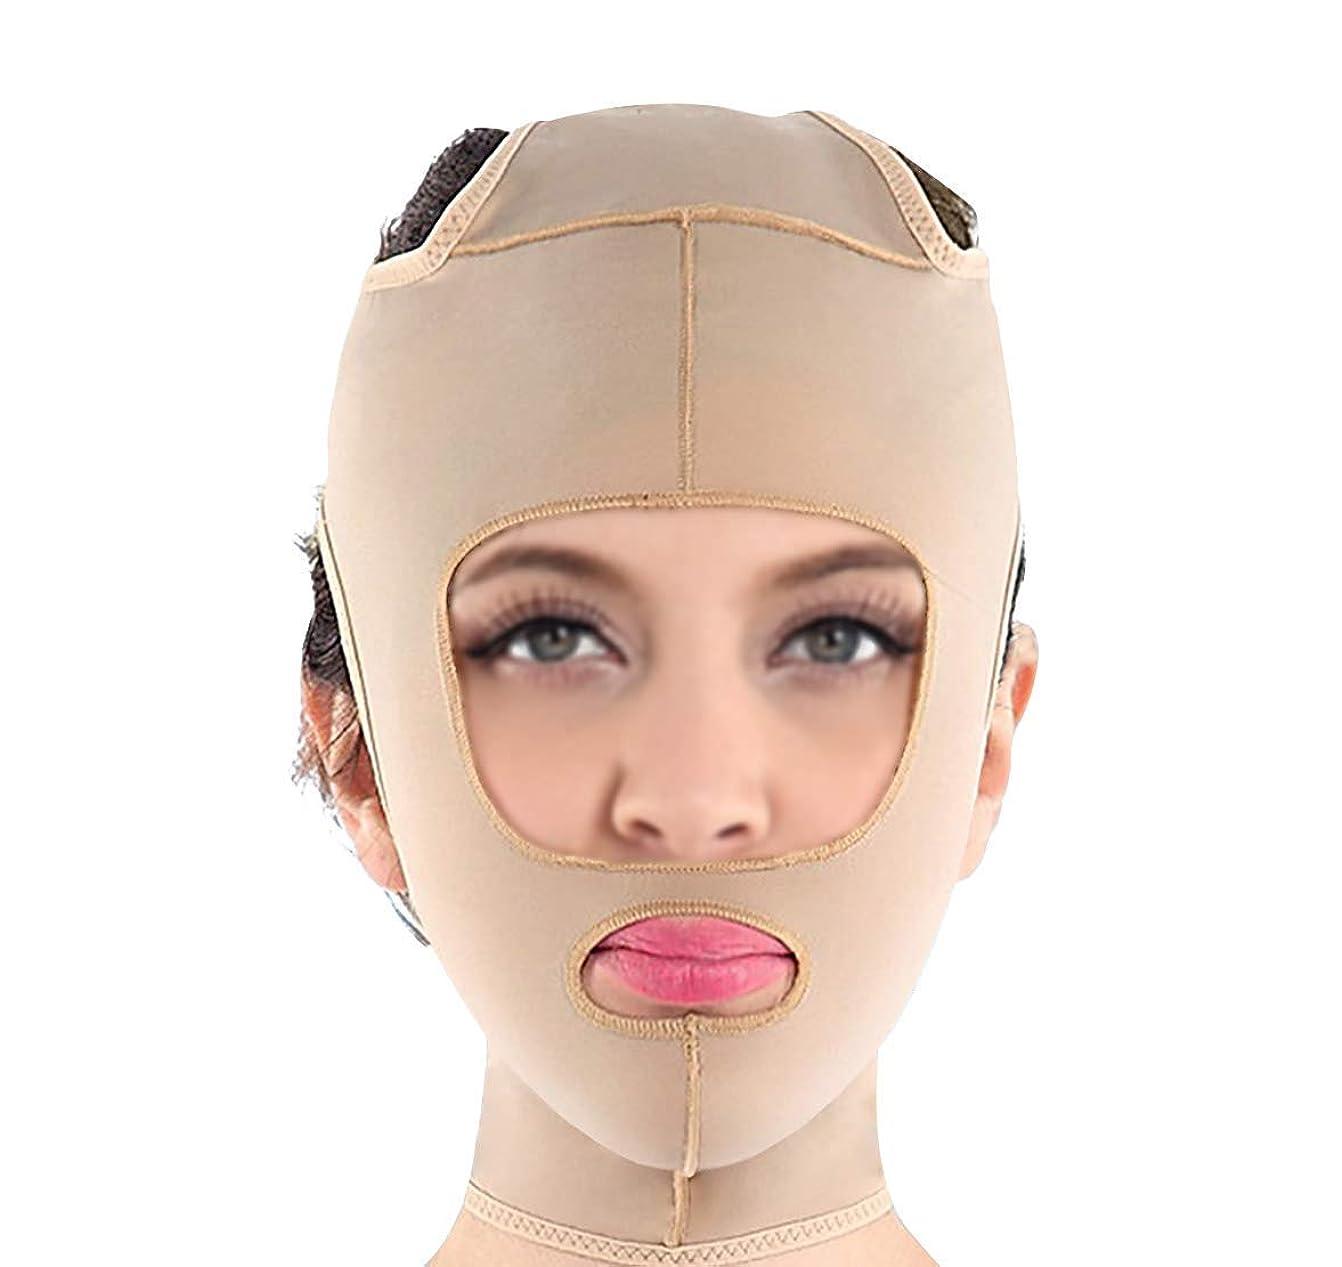 ピアケーブルカーパット包帯vフェイス楽器フェイスマスクマジックフェイスフェイシャル引き締めフェイシャルマッサージフェイシャルリンクルリフティング引き締めプラスチックマスク(サイズ:Xl),Xl